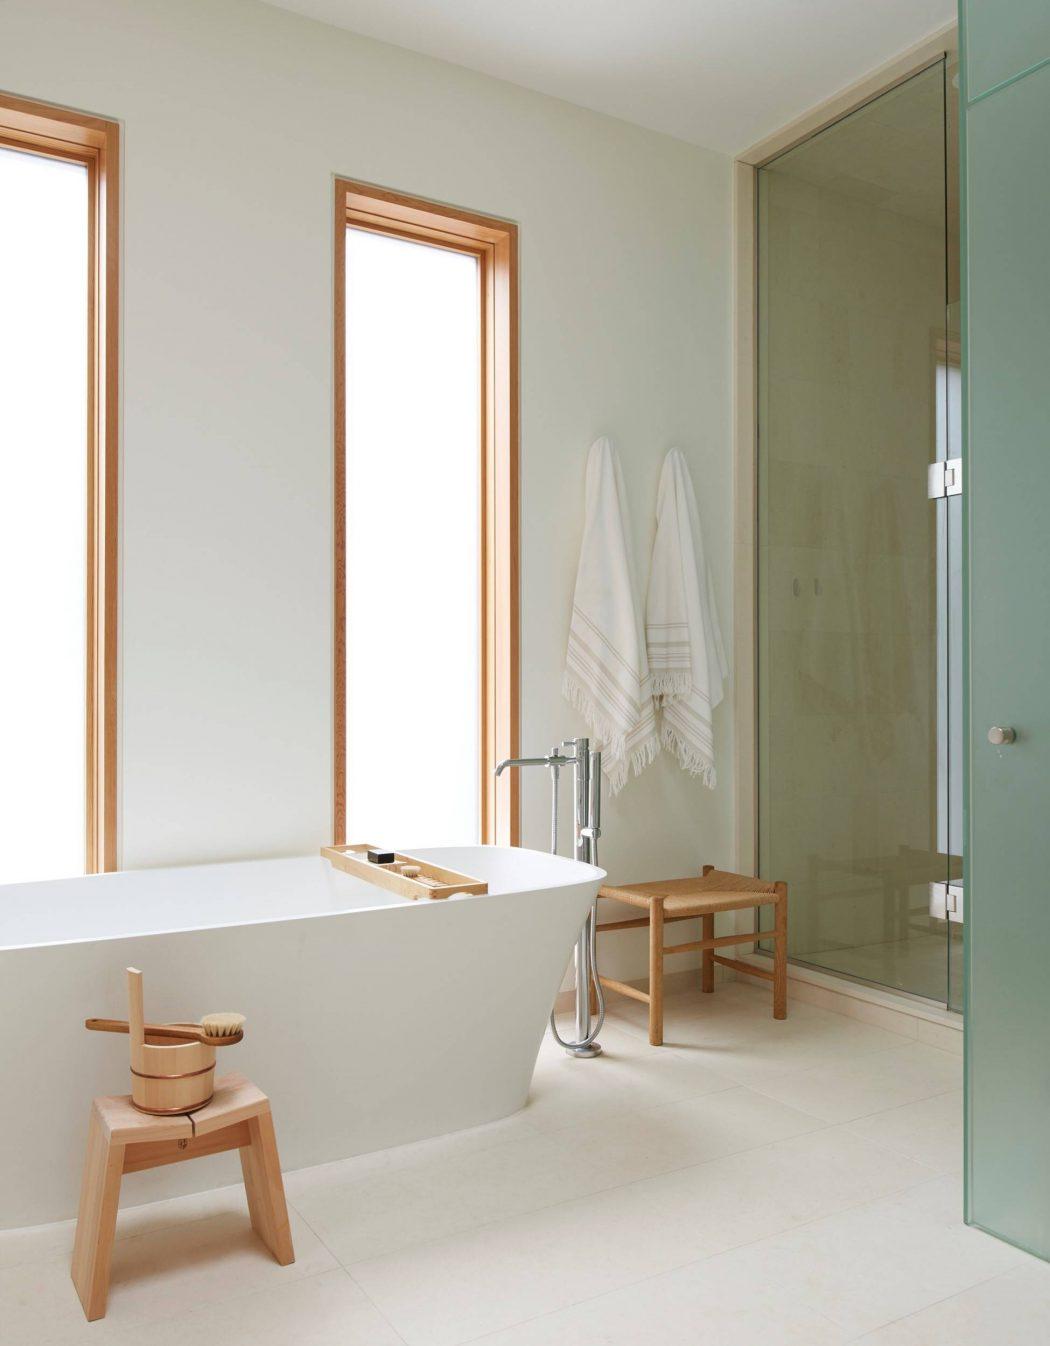 Mooie badkamer met hout en marmer